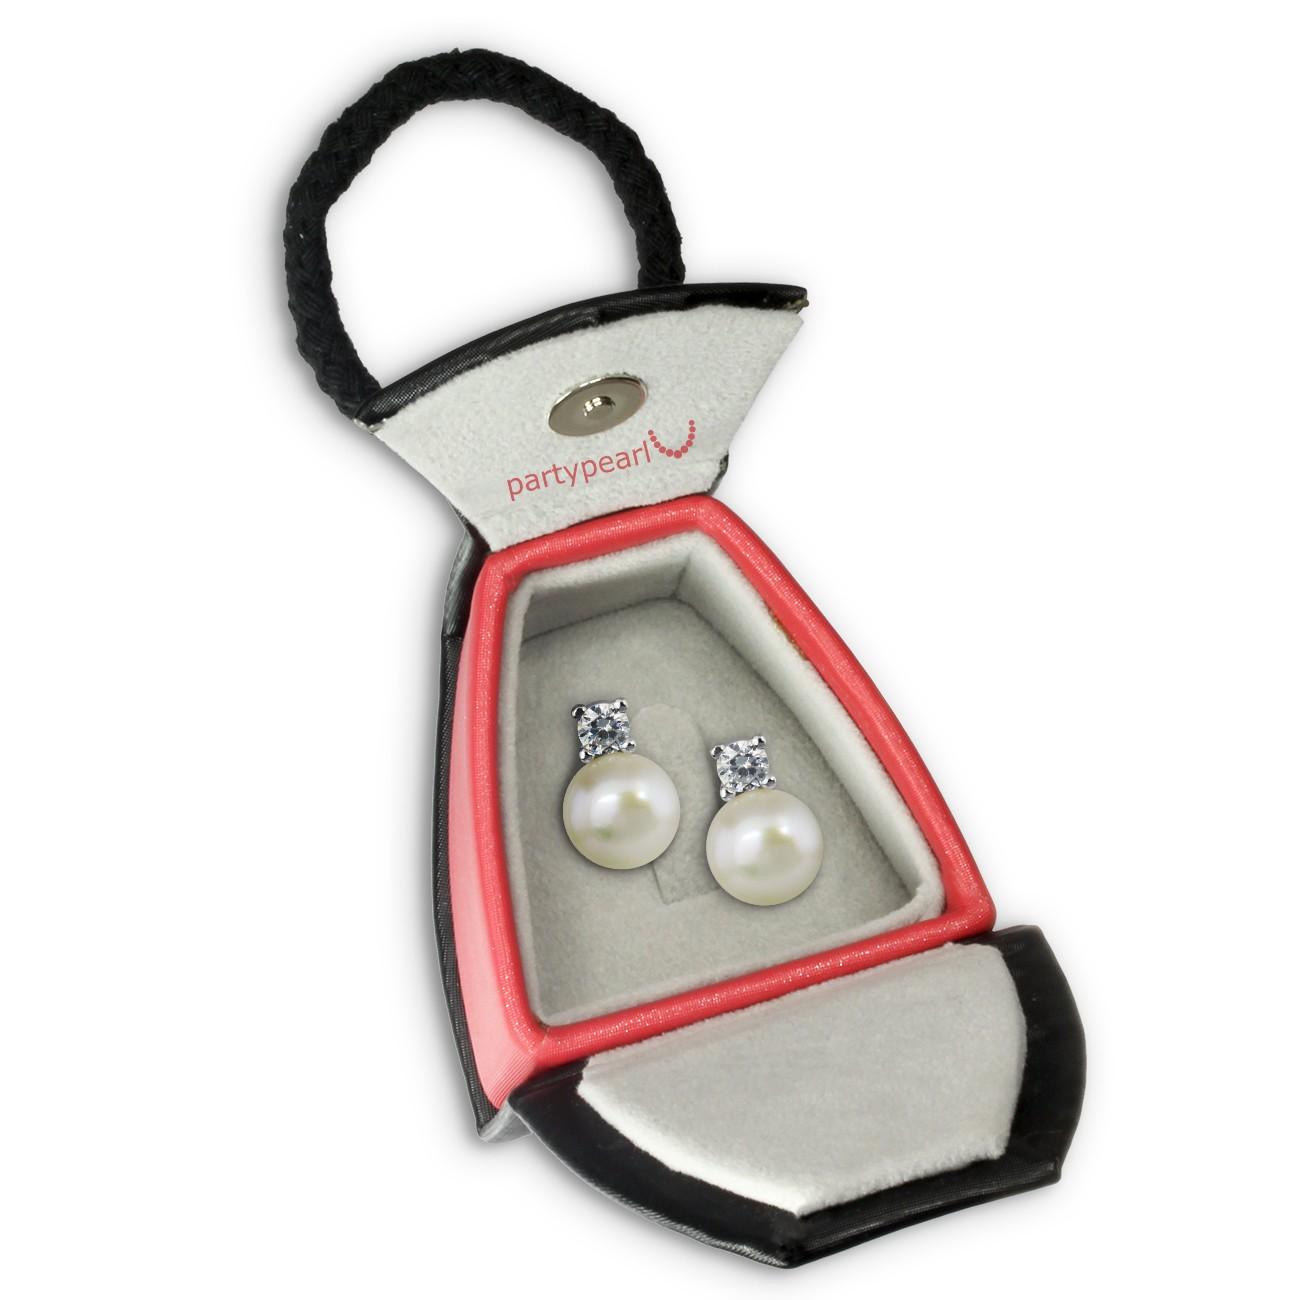 PartyPearl Schmuck Set Perlenohrstecker mit Verpackung Damen 925 Silber PPO013W8